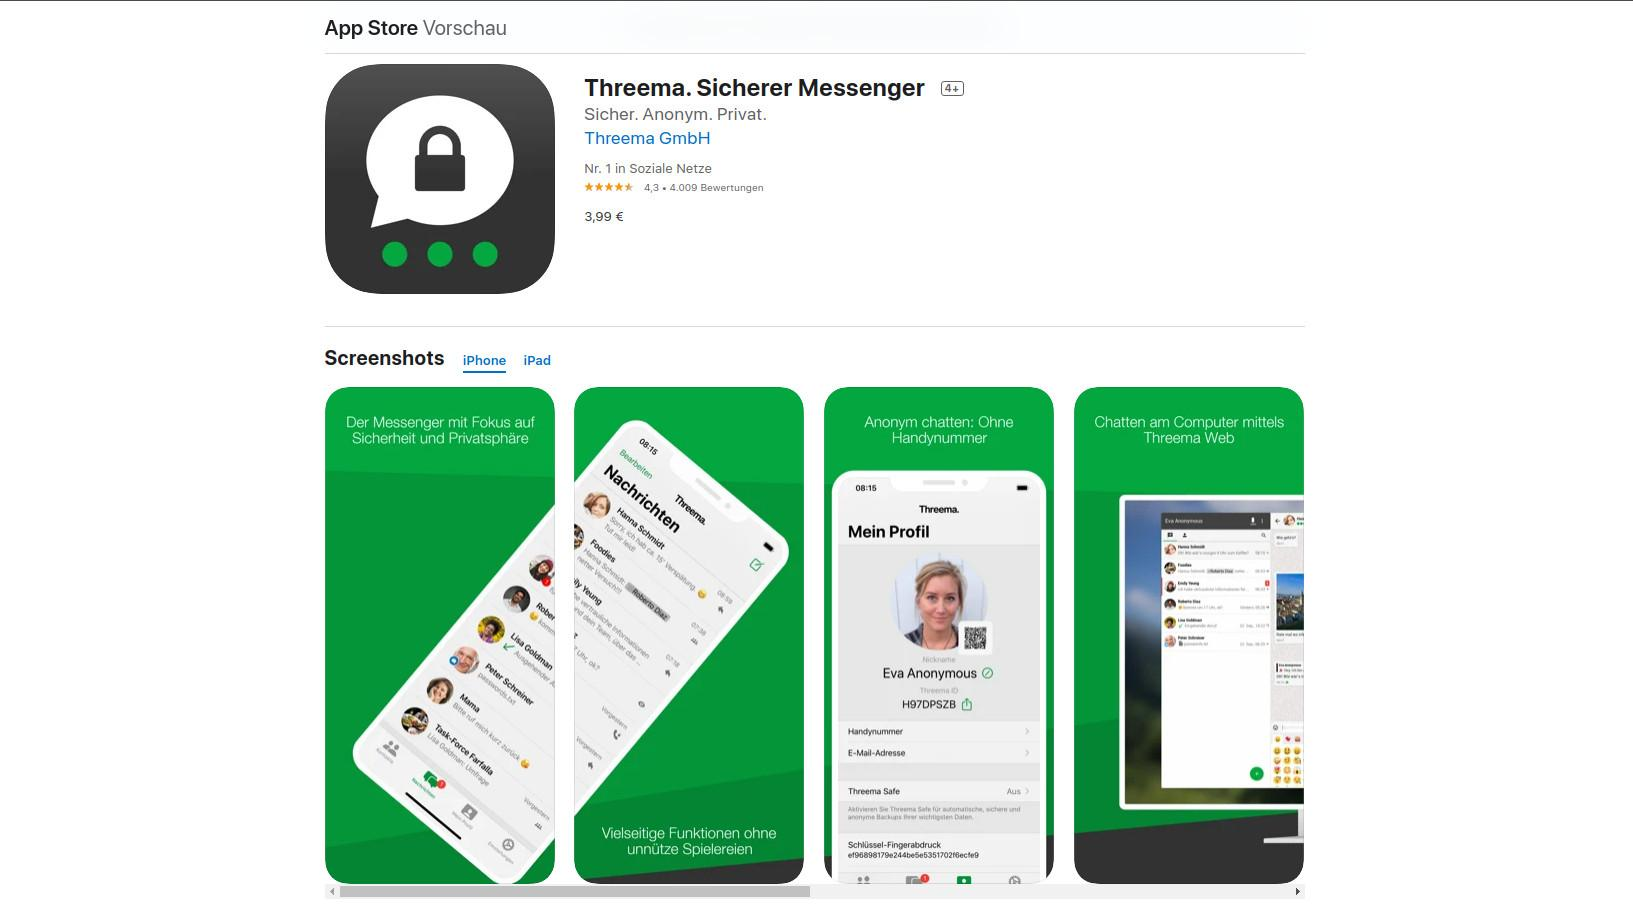 Threema ist ein Messenger aus der Schweiz. Vor allem Aspekte, wie die Threema-ID, durch die keine Rückschlüsse auf Ihre Person möglich sind, überzeugen